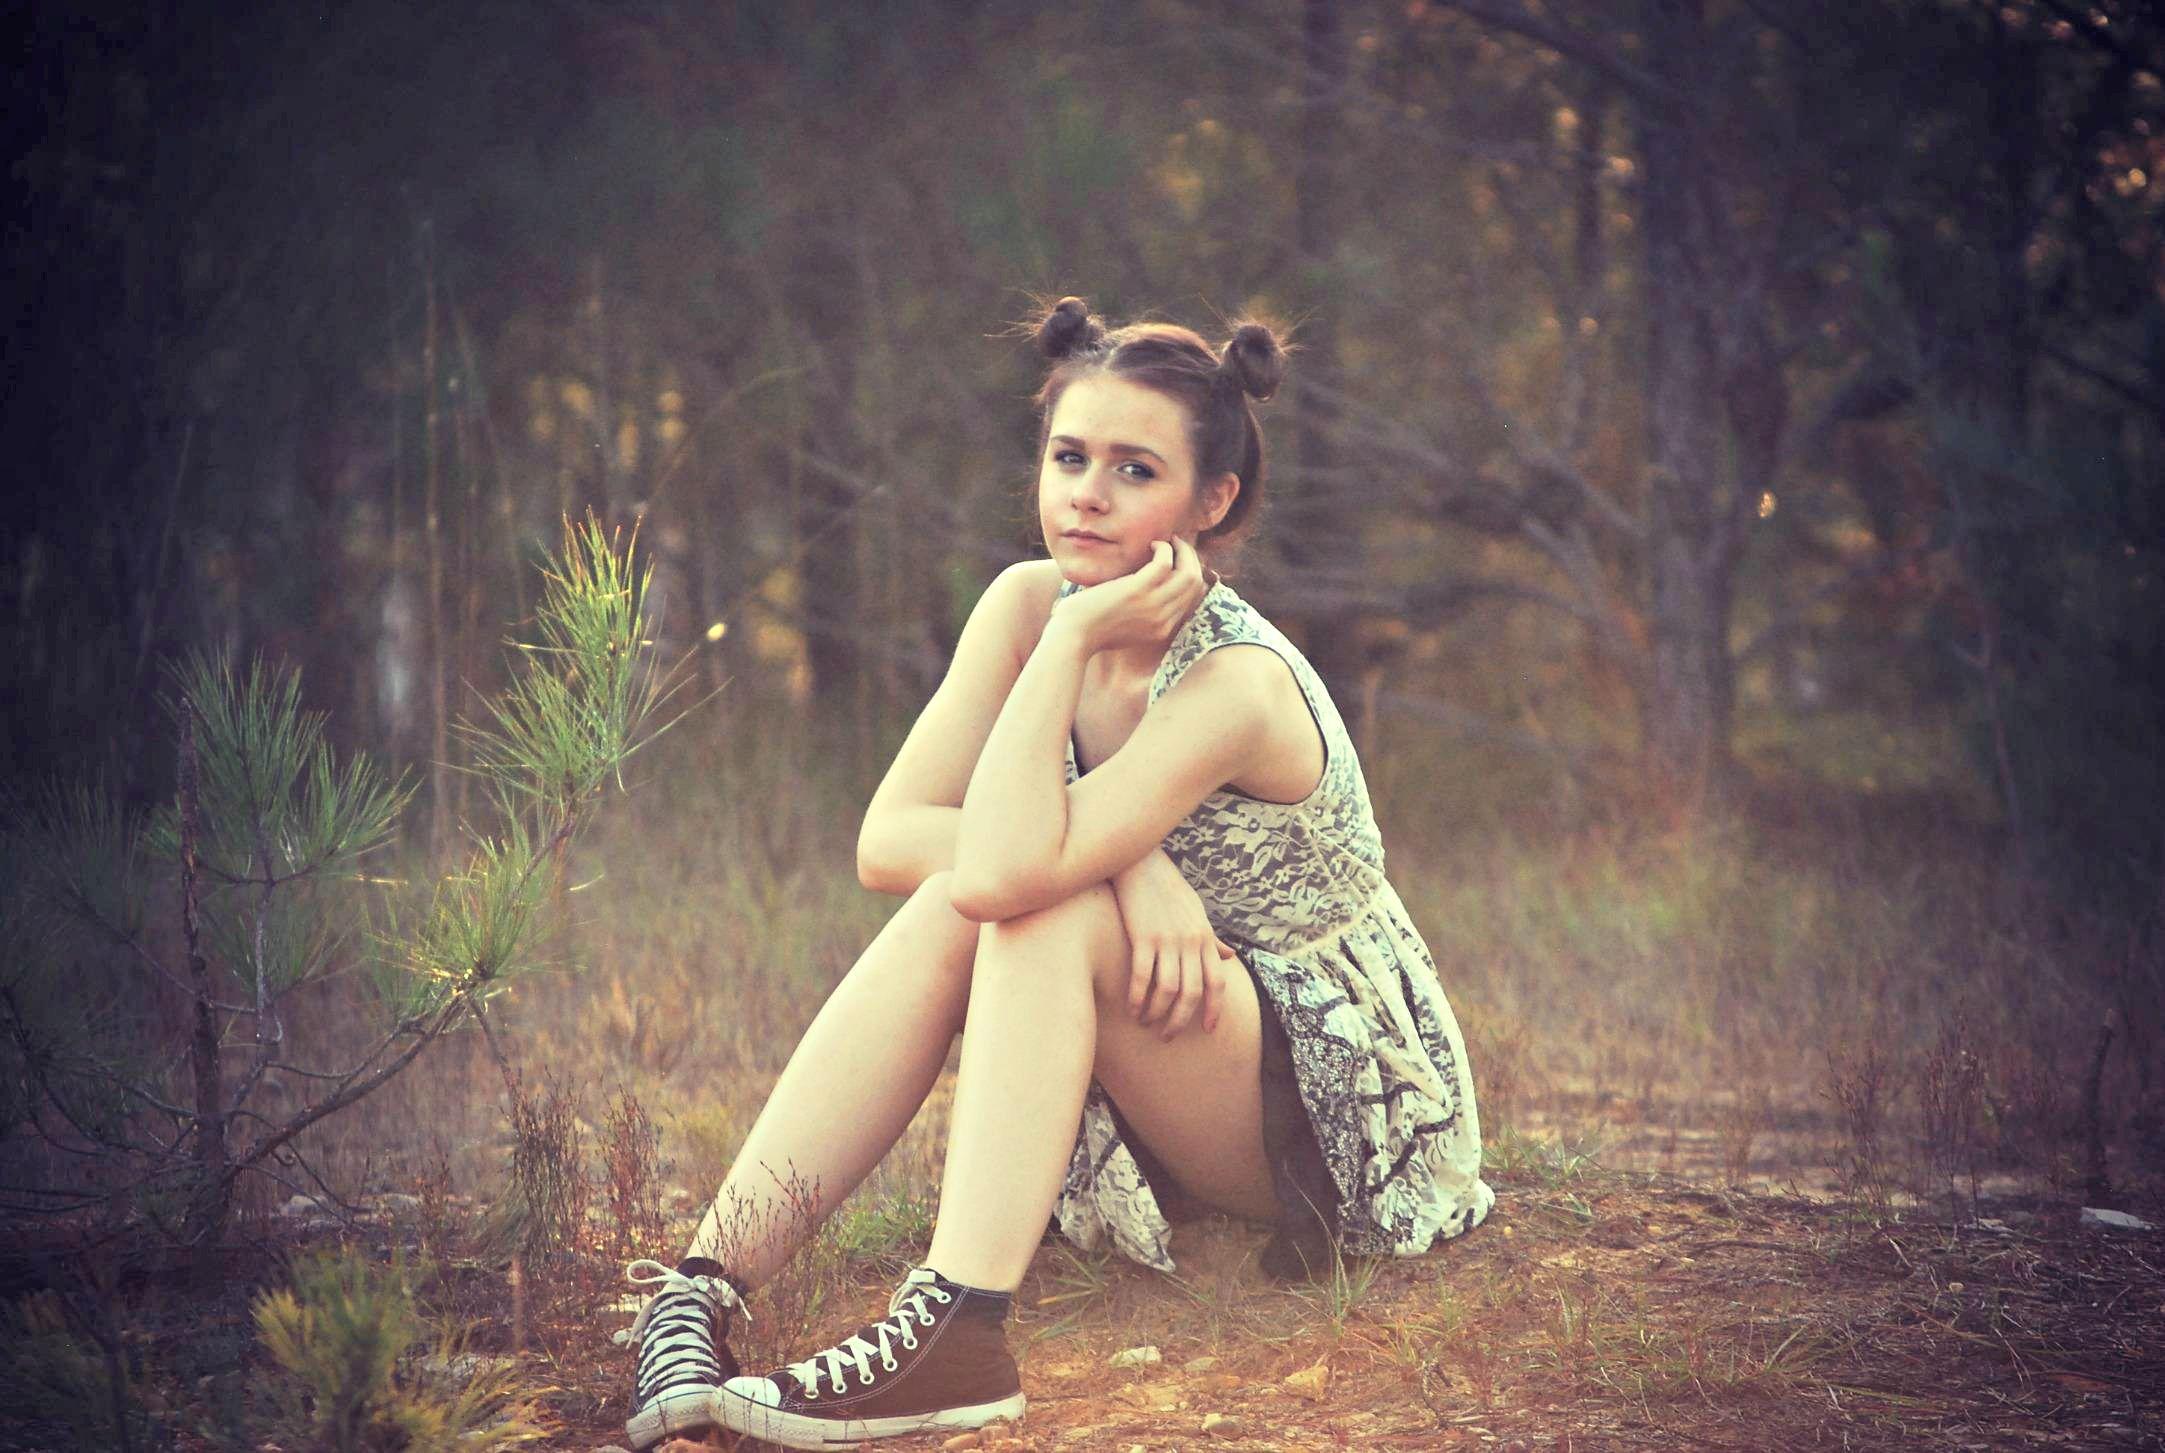 Artificial girl 3 1 50